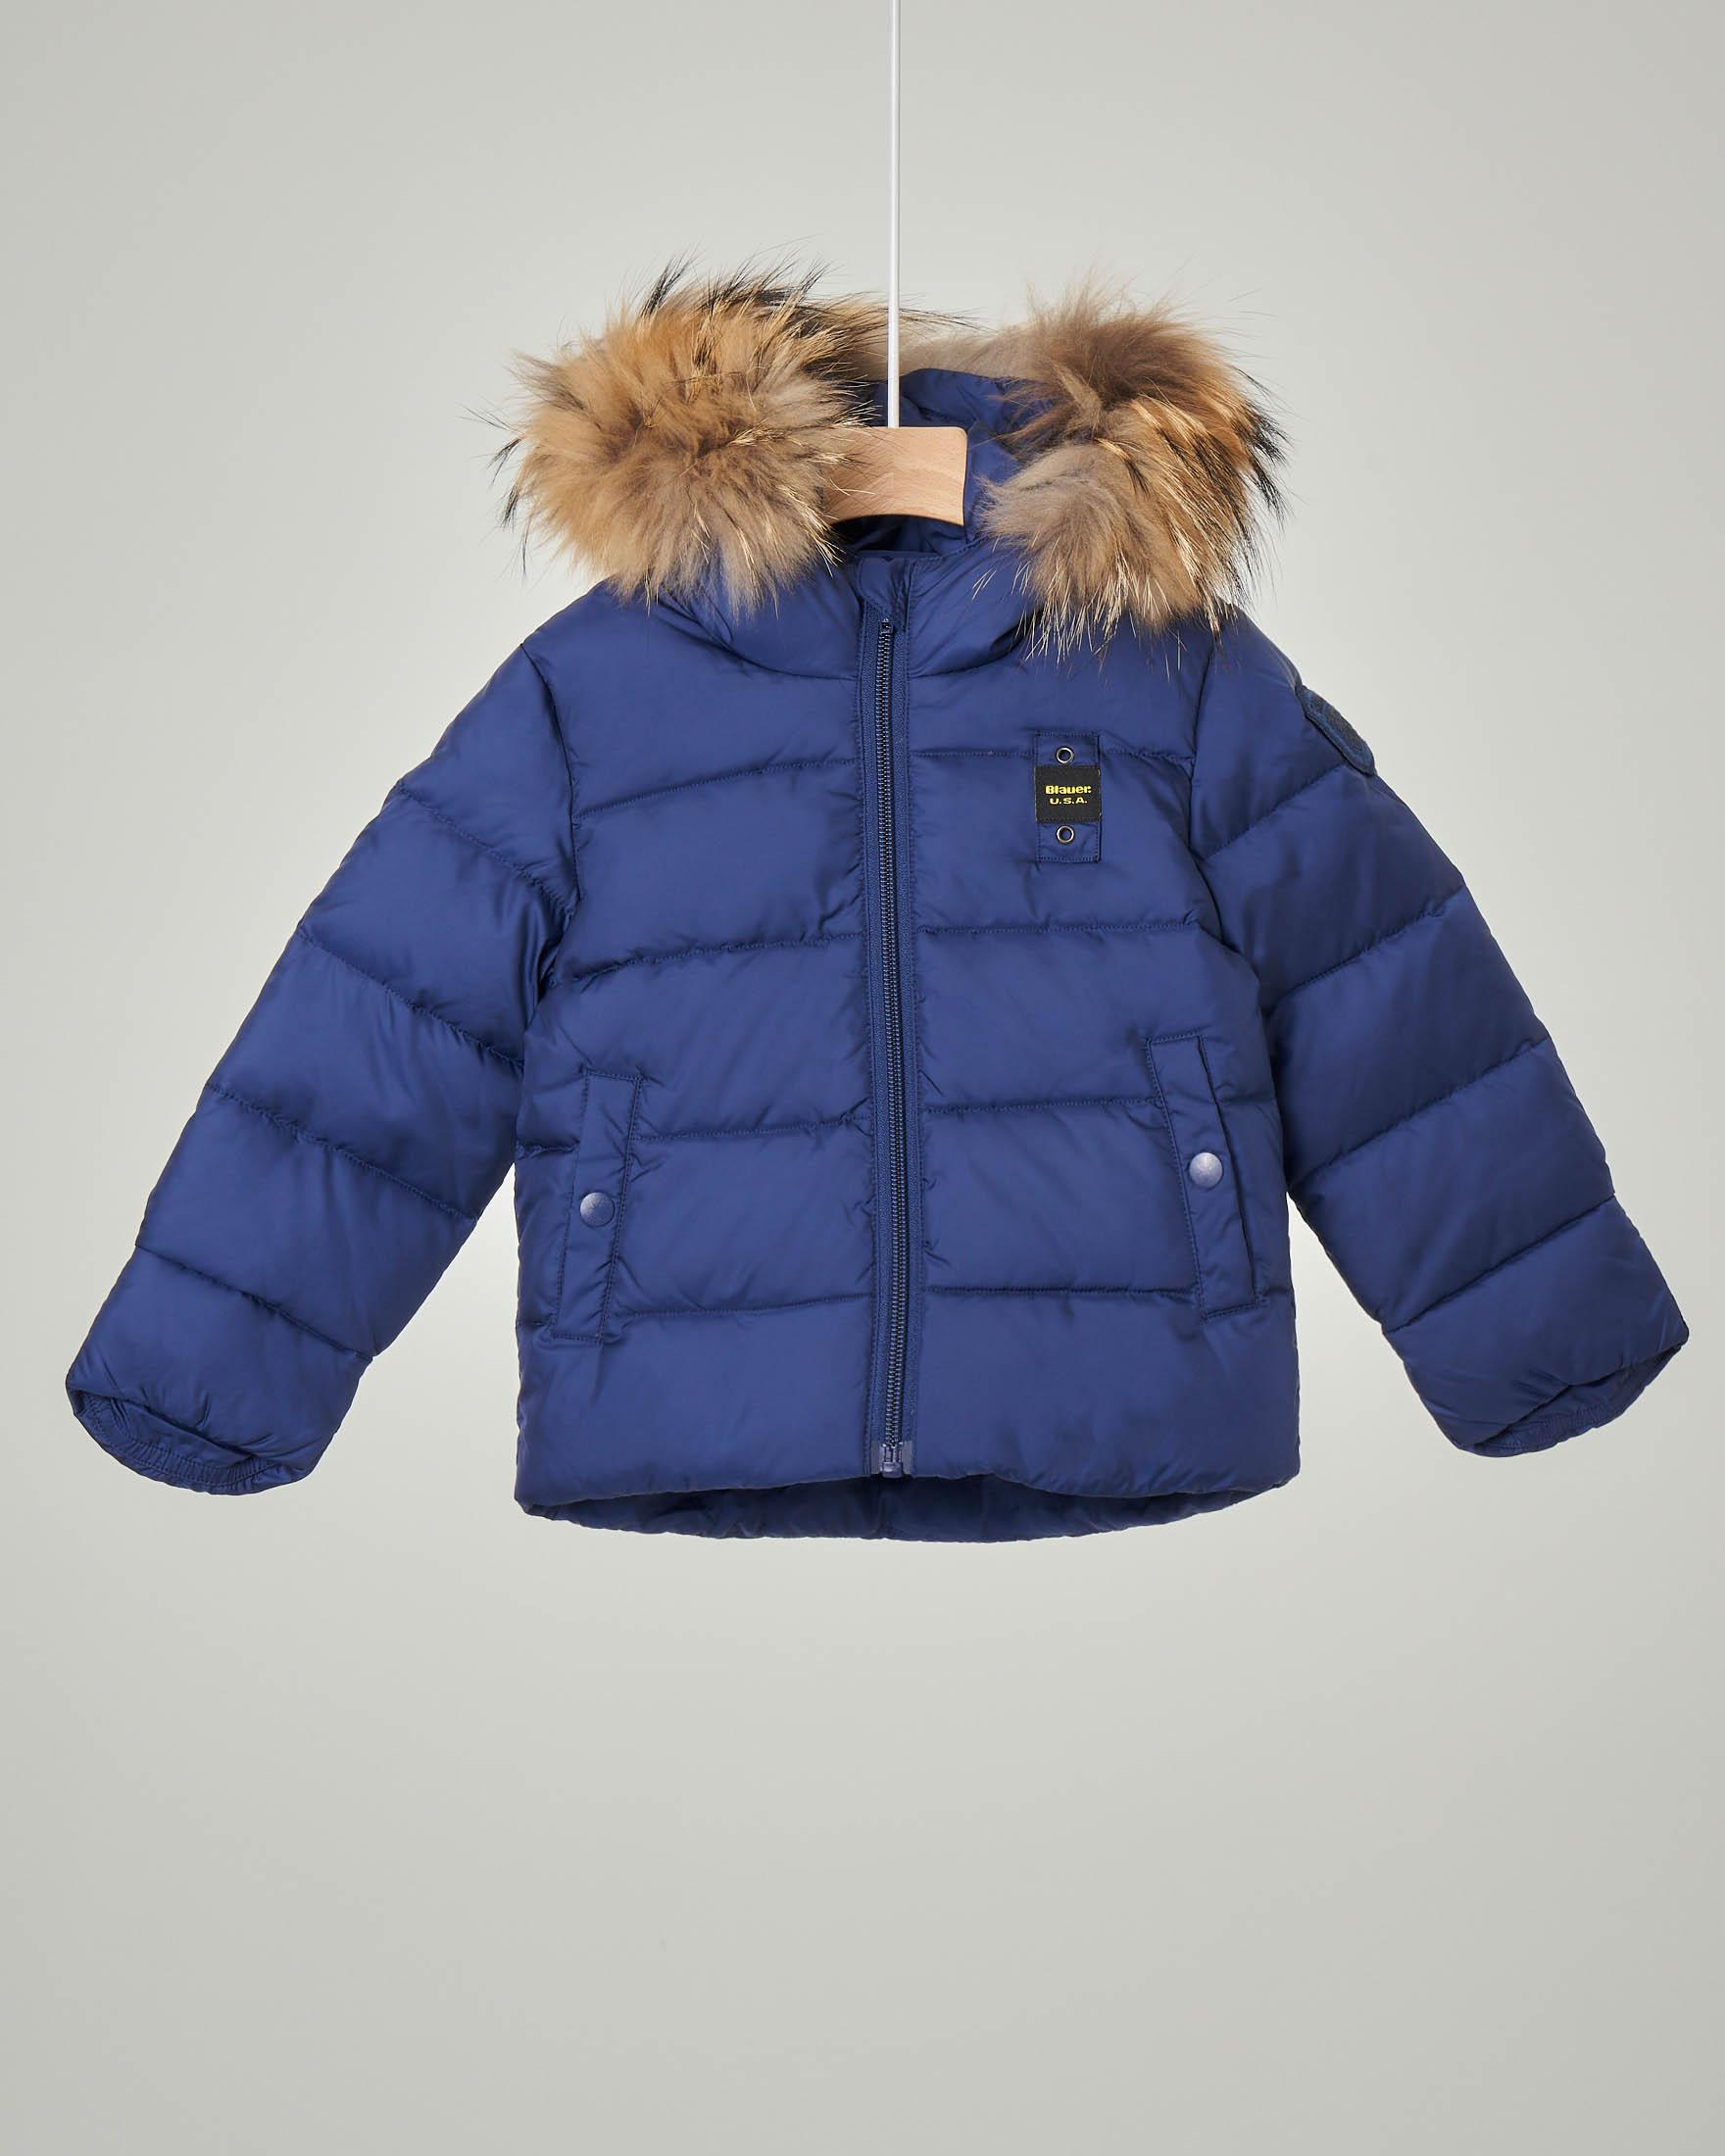 Giaccone blu imbottito in piuma con cappuccio e vera pelliccia staccabile 12-24 mesi